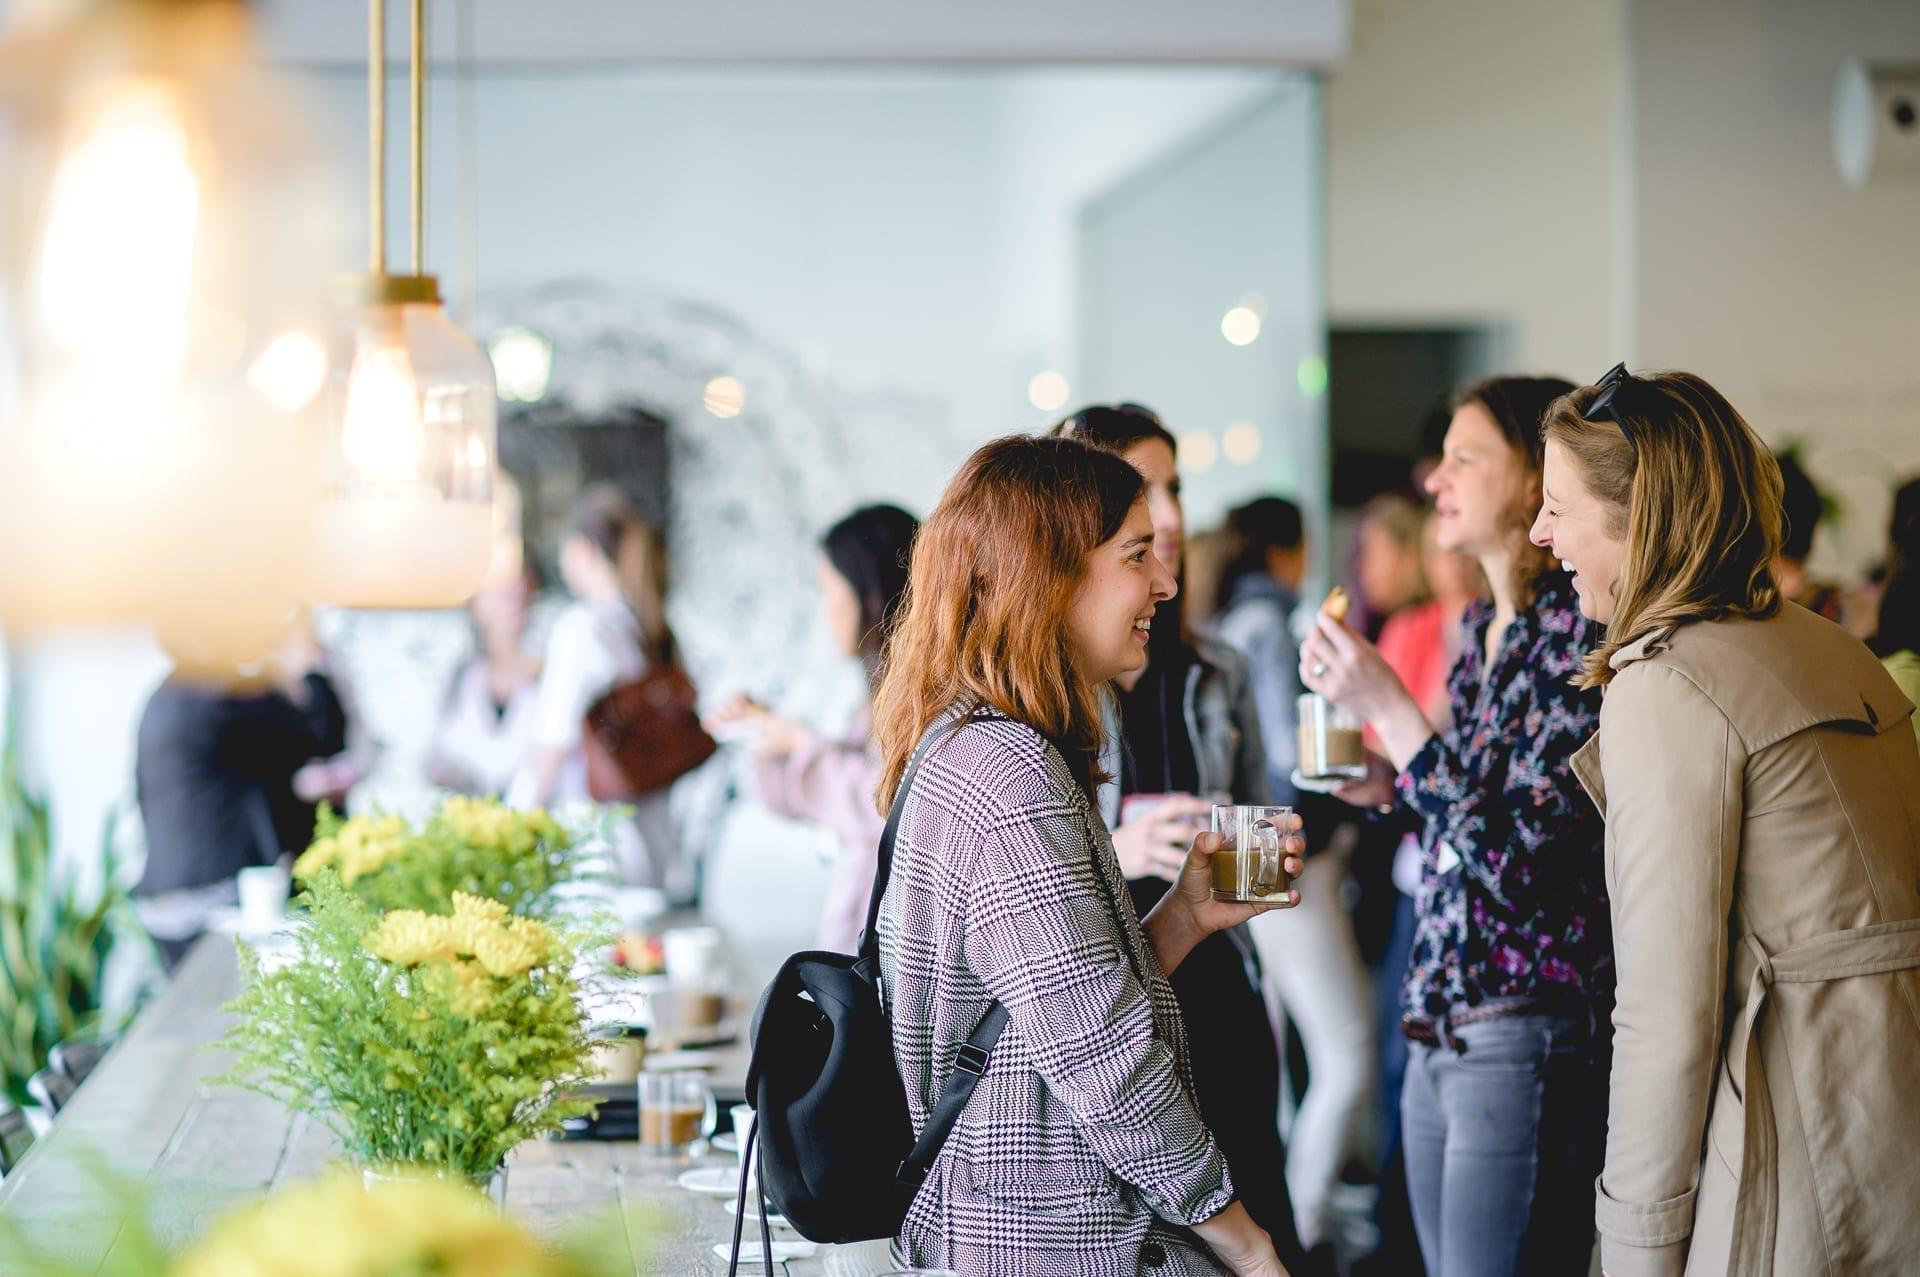 Femmes discutant lors d'un événement L'effet A.